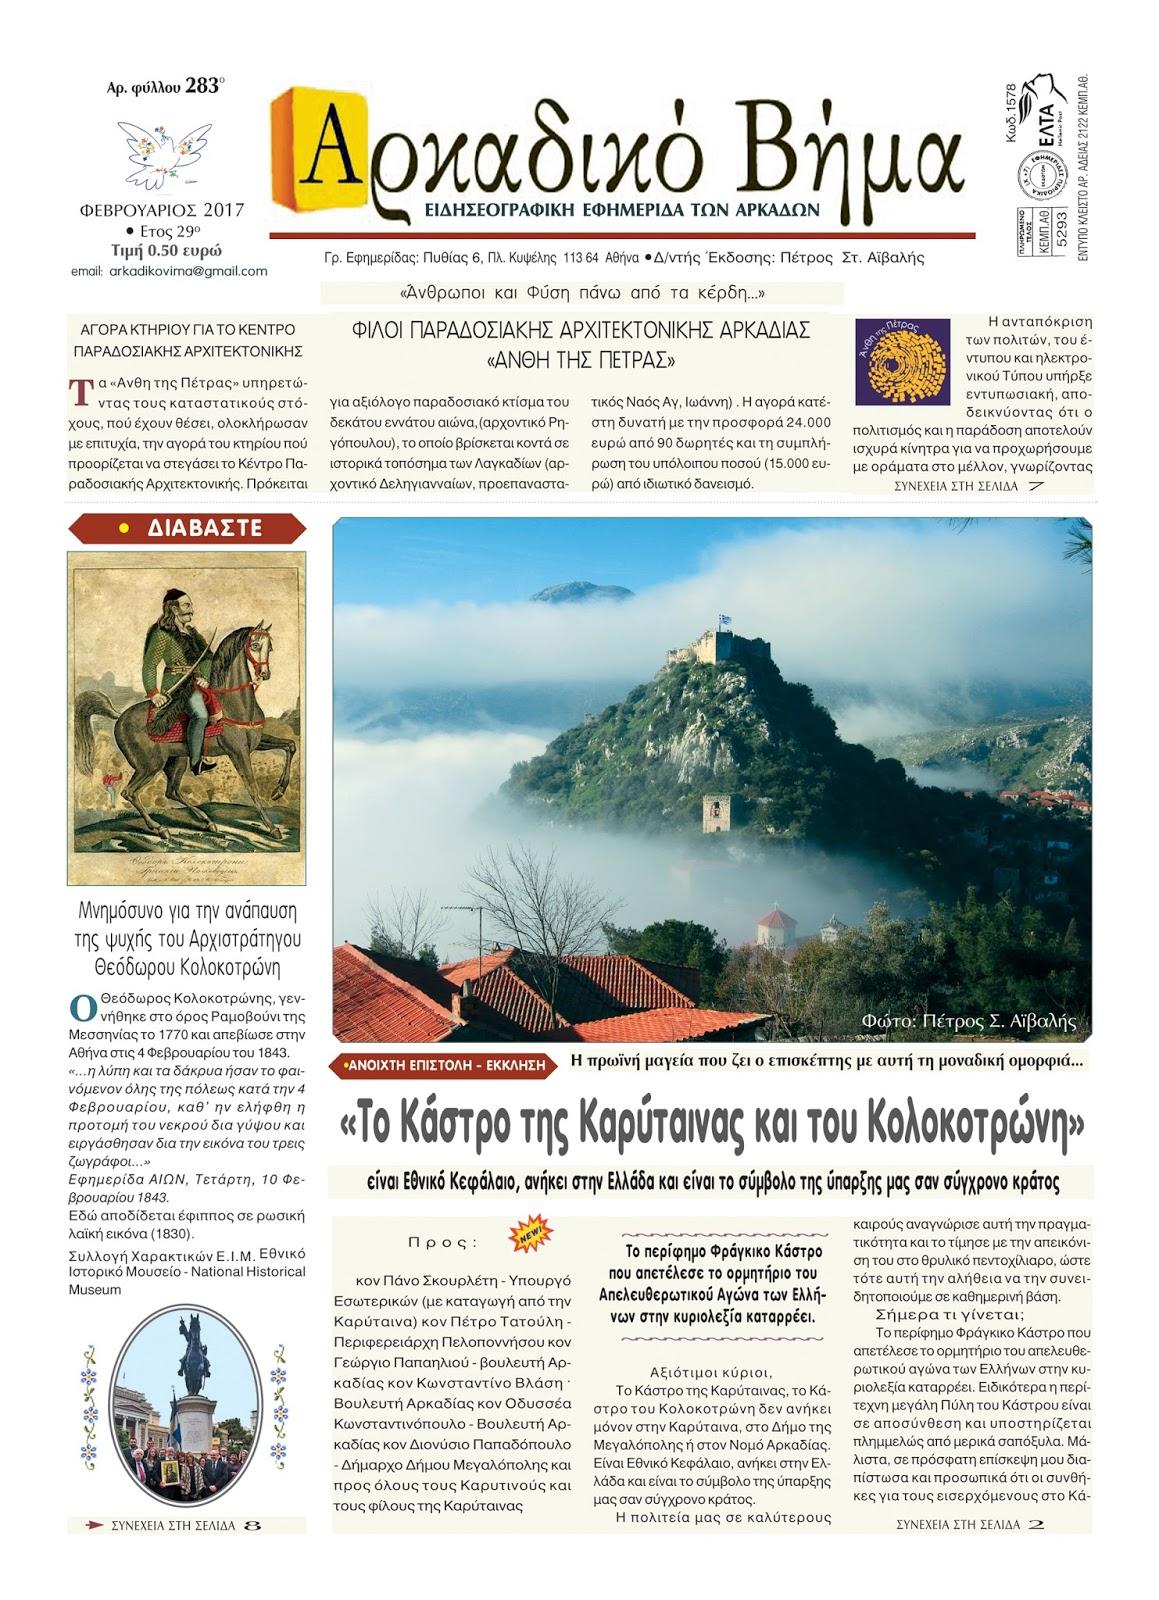 """Αρκαδικό Βήμα, Φεβρ. 2017, """"Το Κάστρο της Καρύταινας και του Κολοκοτρώνη είναι εθνικό κεφάλαιο"""